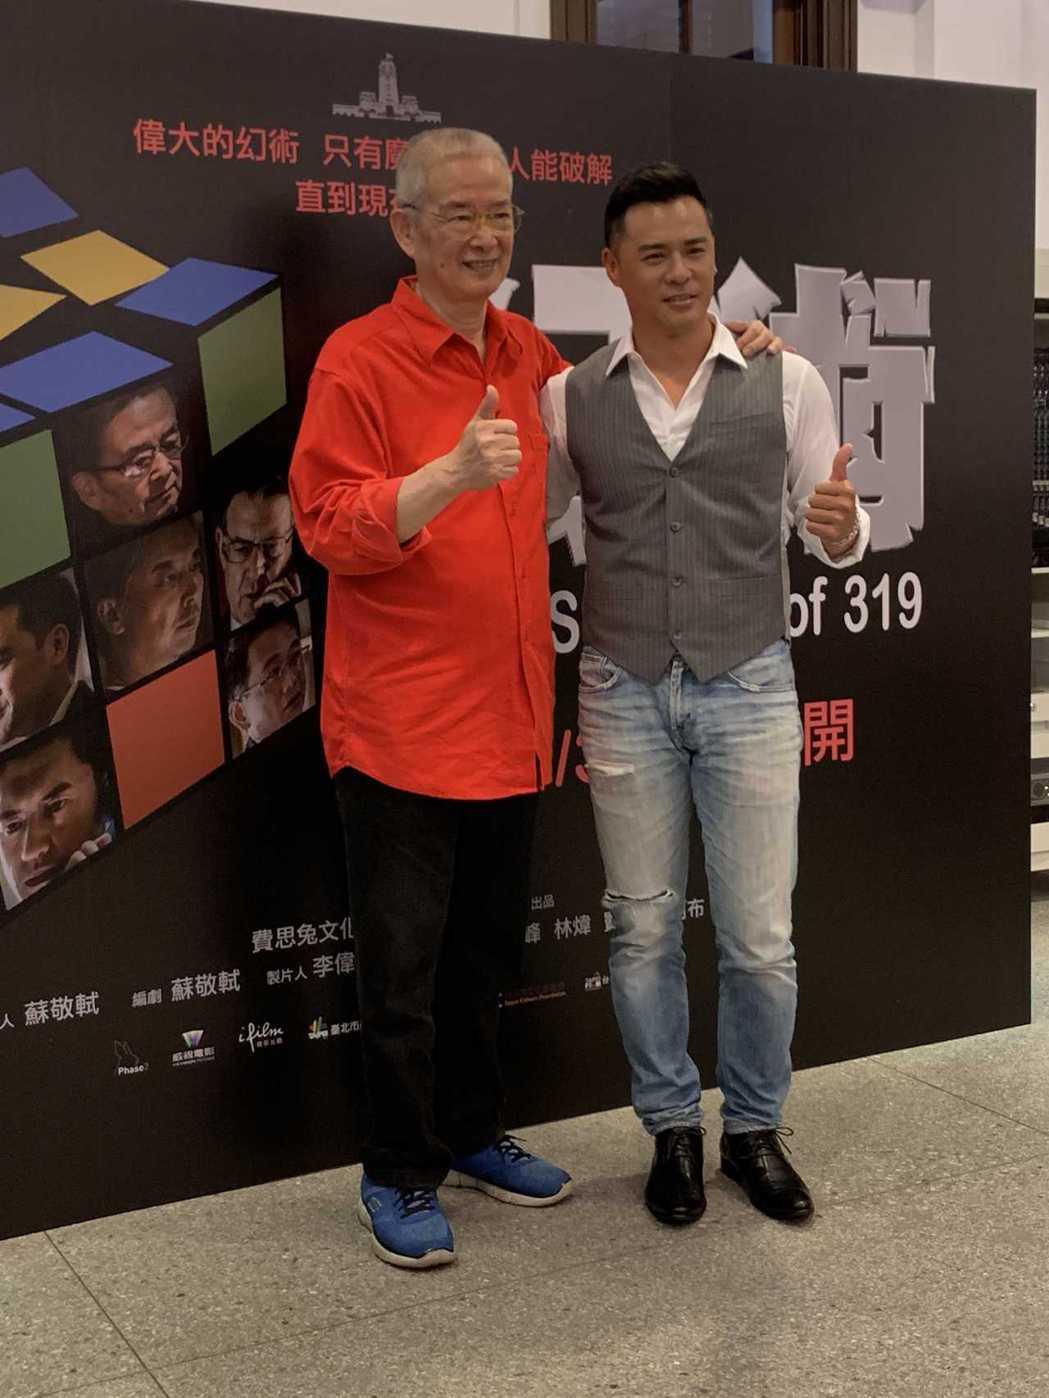 石峰(左)、竇智孔演分別飾演李登輝、宋楚瑜。圖/費思兔文化娛樂提供